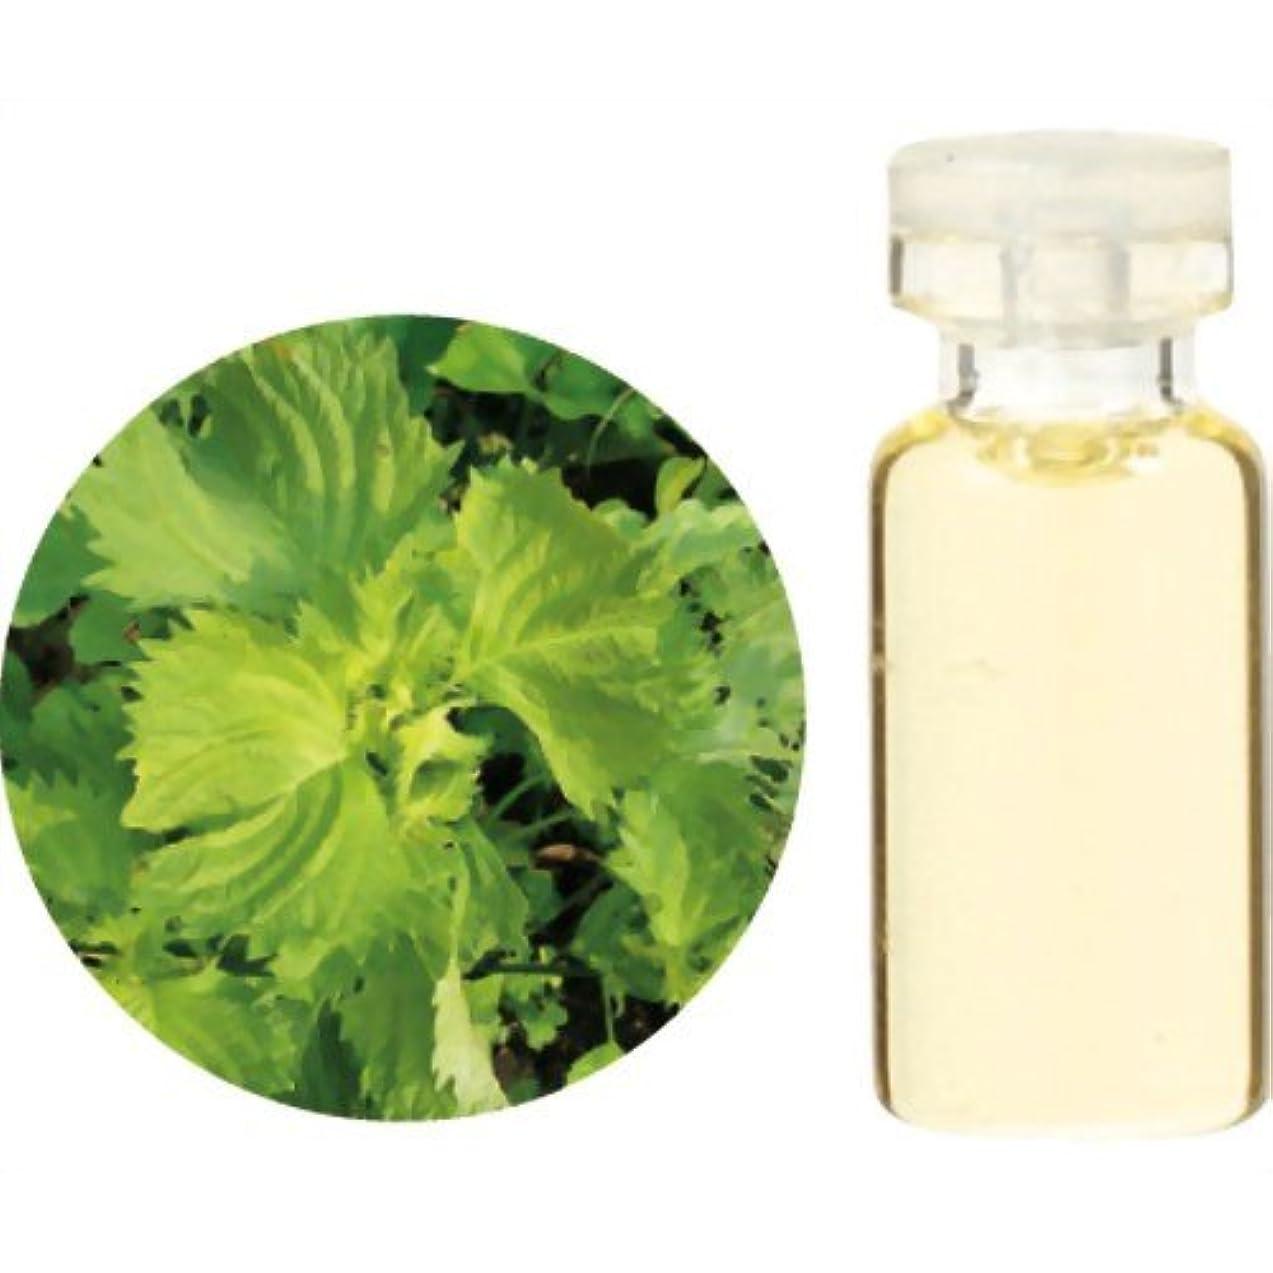 結核改修するマンモス生活の木 Herbal Life 和精油 紫蘇 1ml